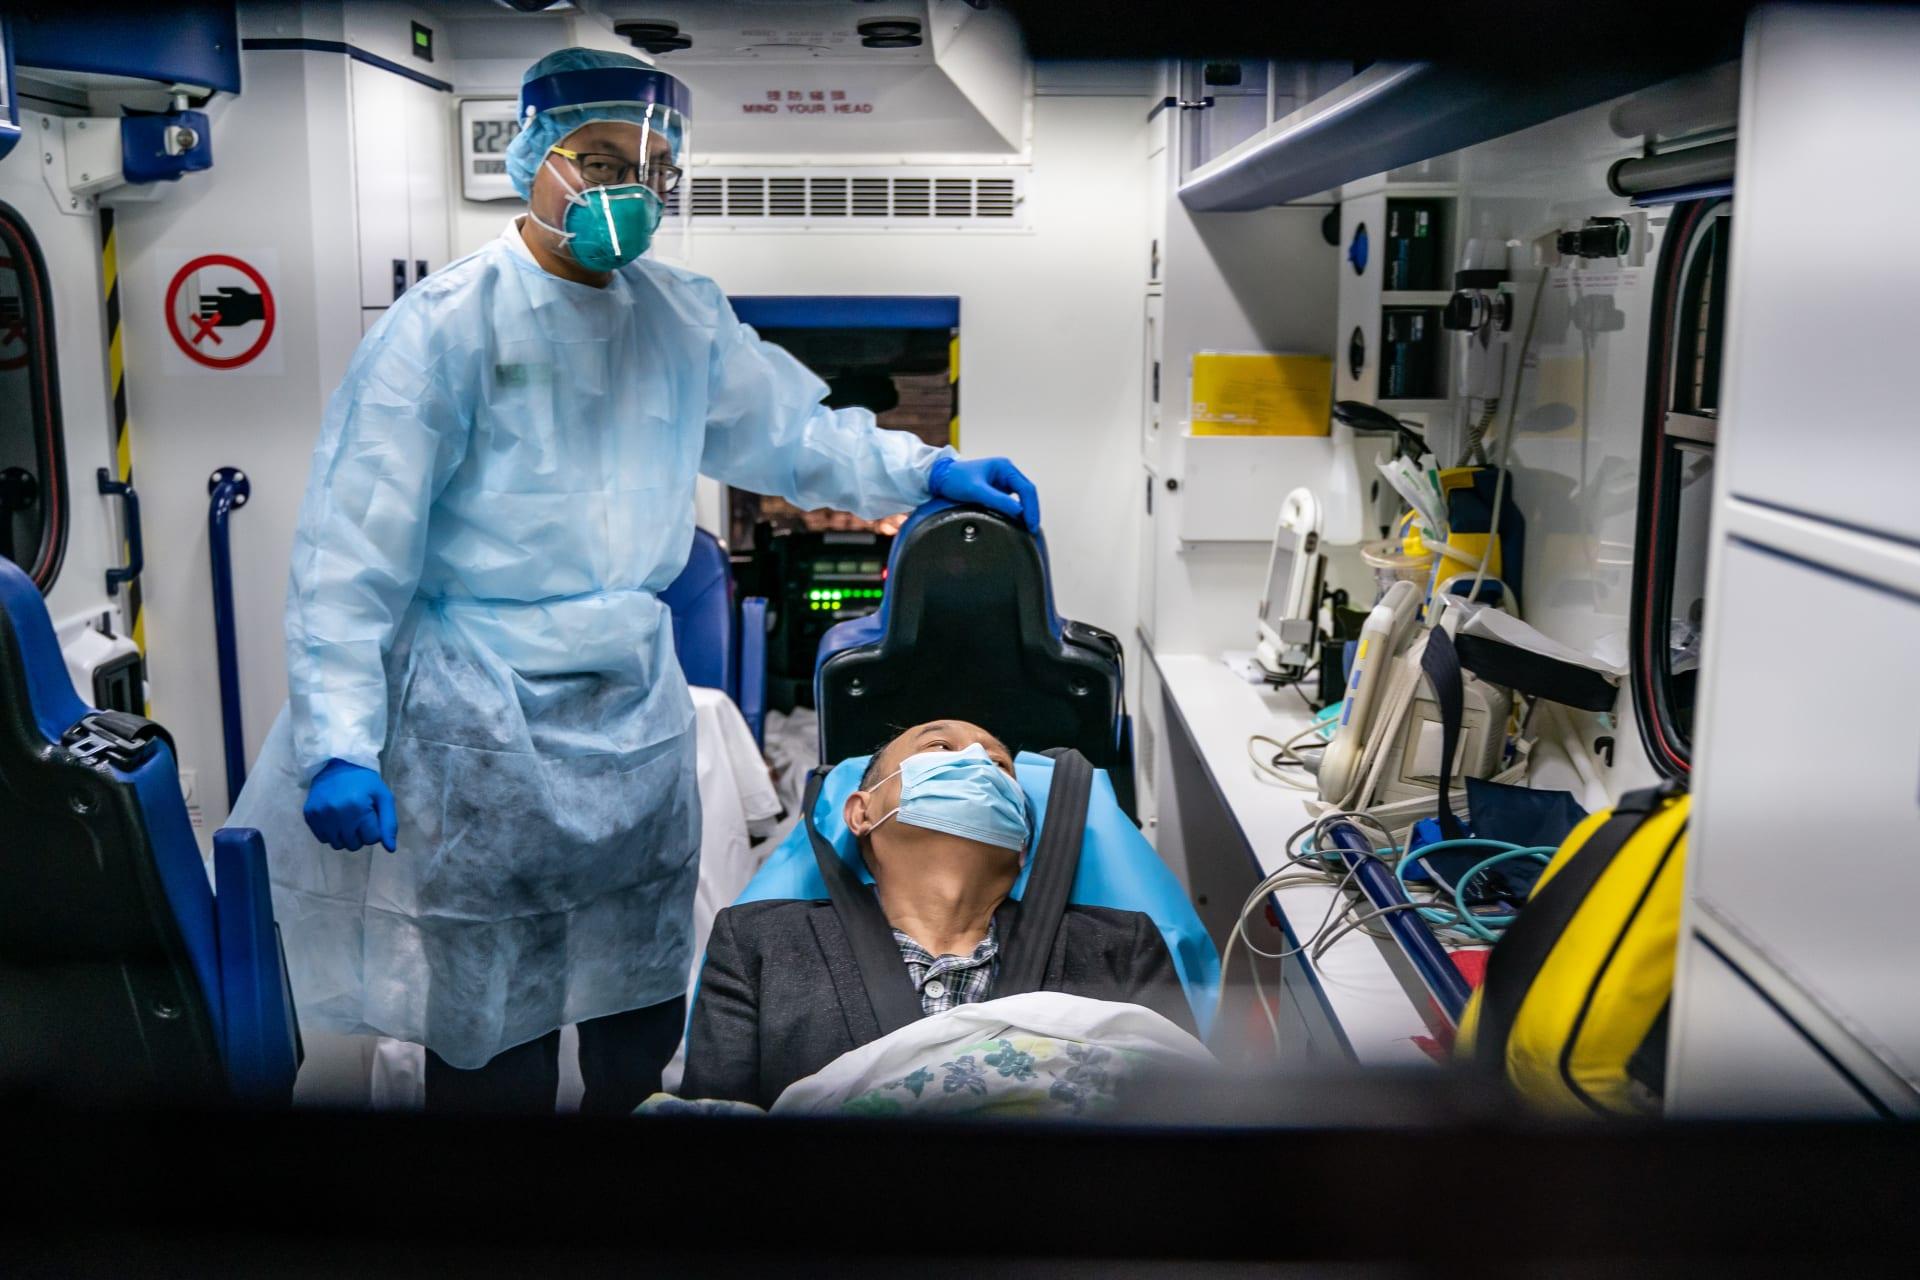 الصين تقول إن فيروس كورونا قد ينتقل قبل ظهور الأعراض